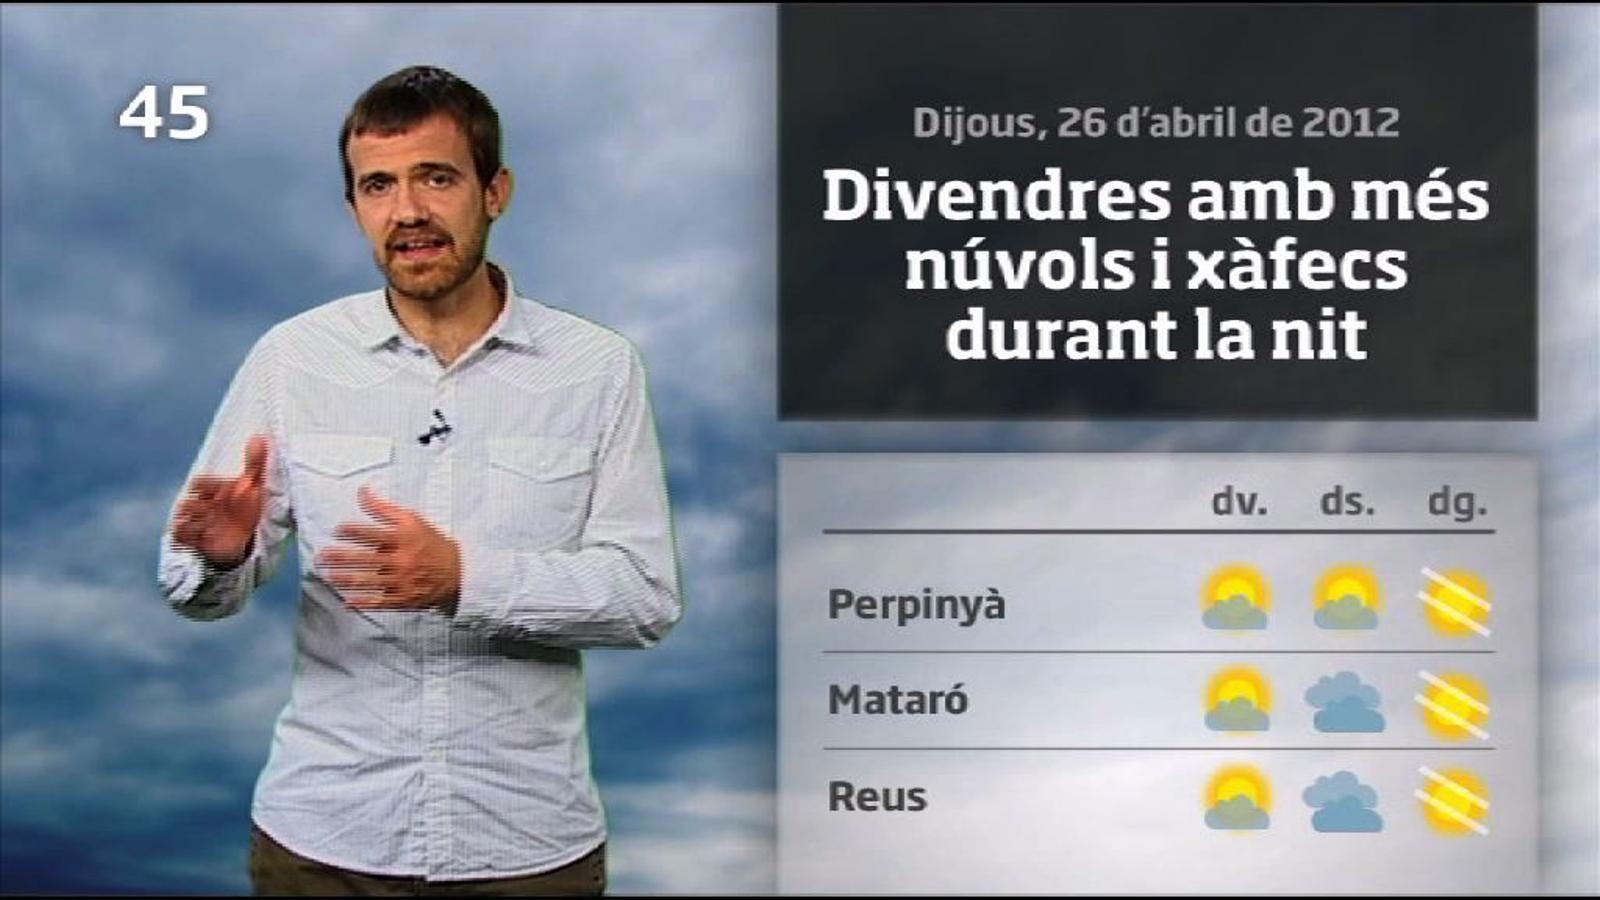 La méteo en 1 minut: més núvols i una tongada de xàfecs de nit (27/04/2012)